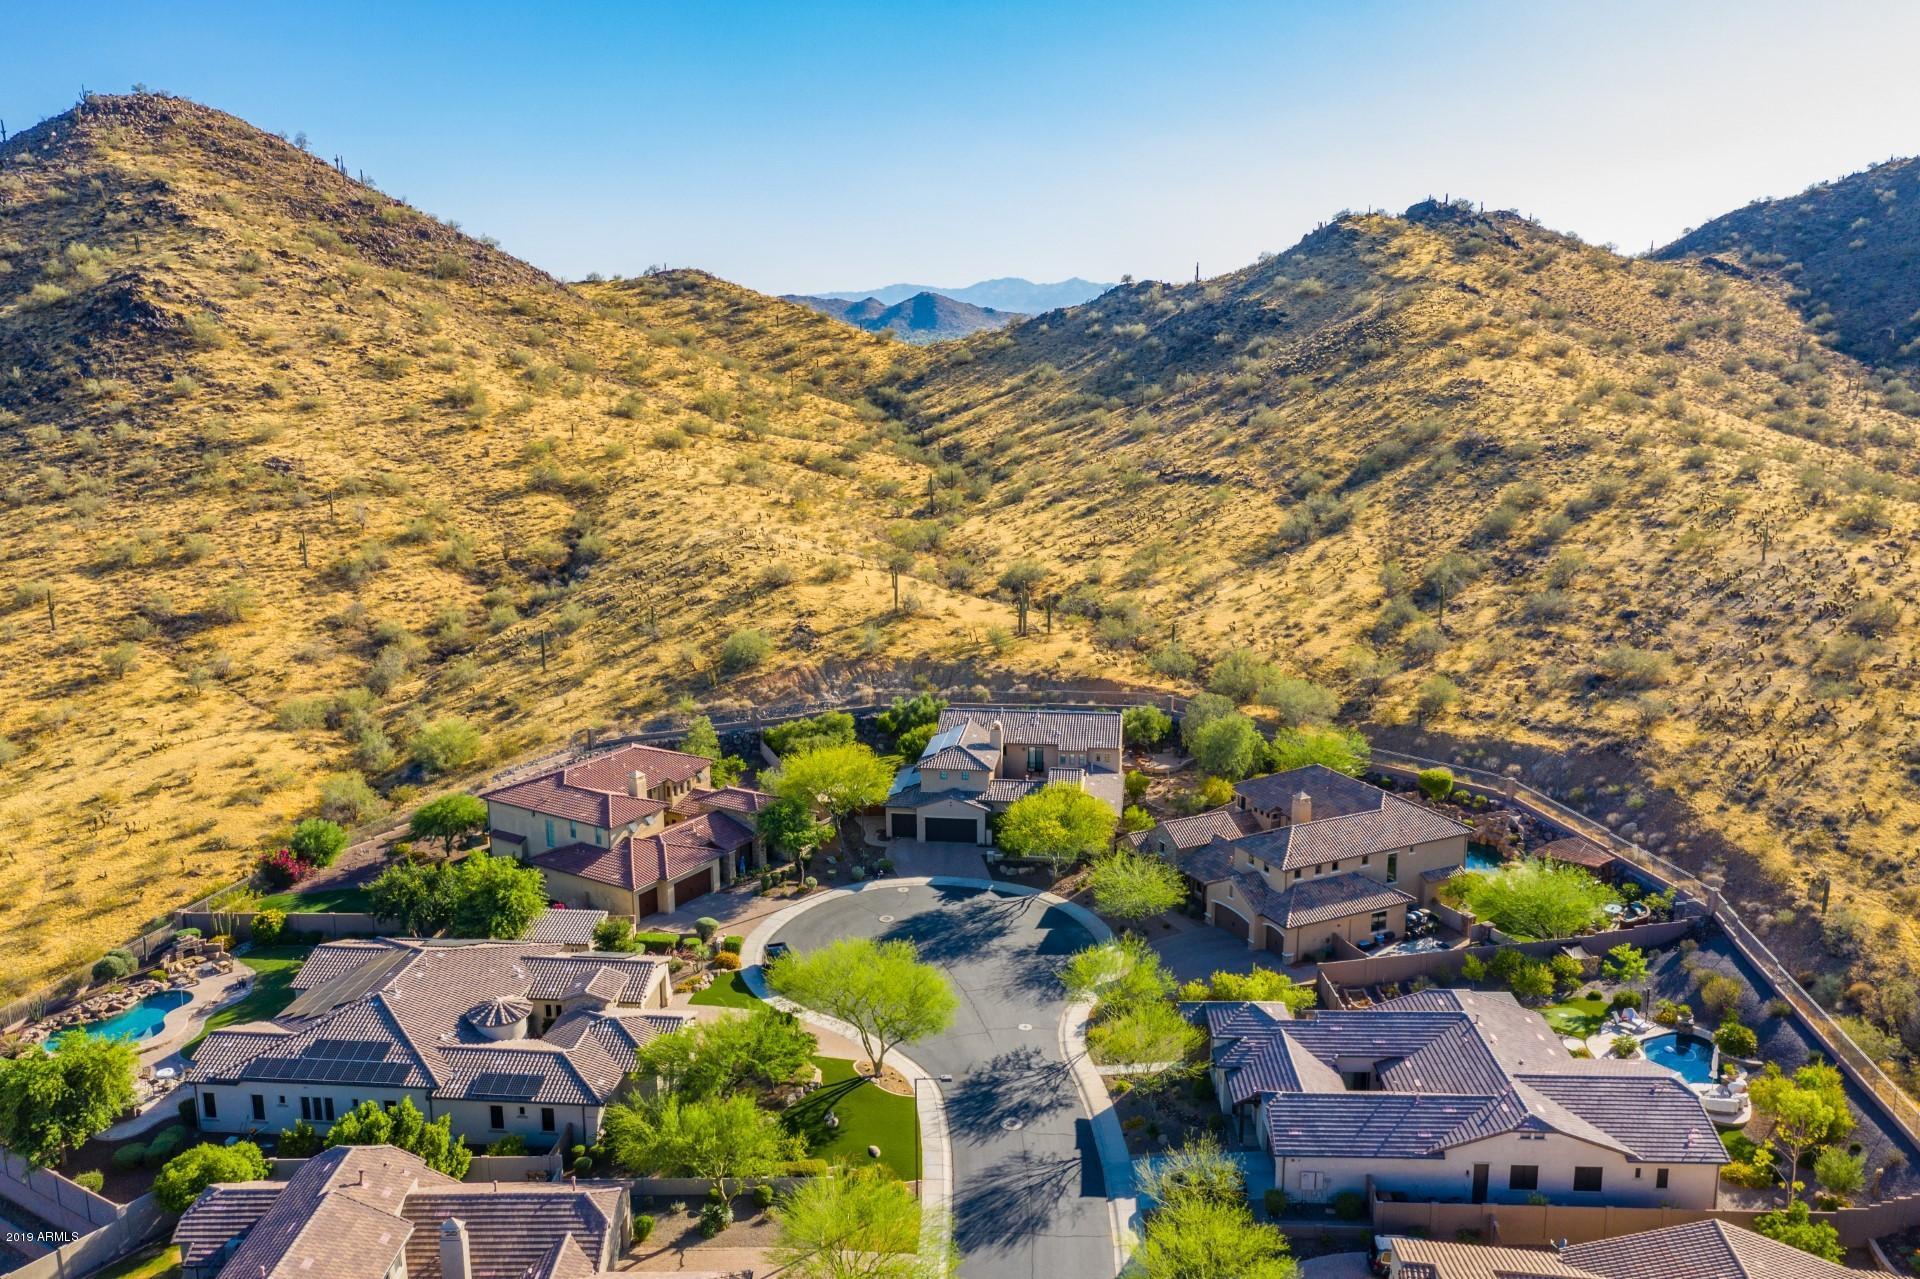 MLS 5942379 6768 W Lucia Drive, Peoria, AZ 85383 Peoria AZ Sonoran Mountain Ranch